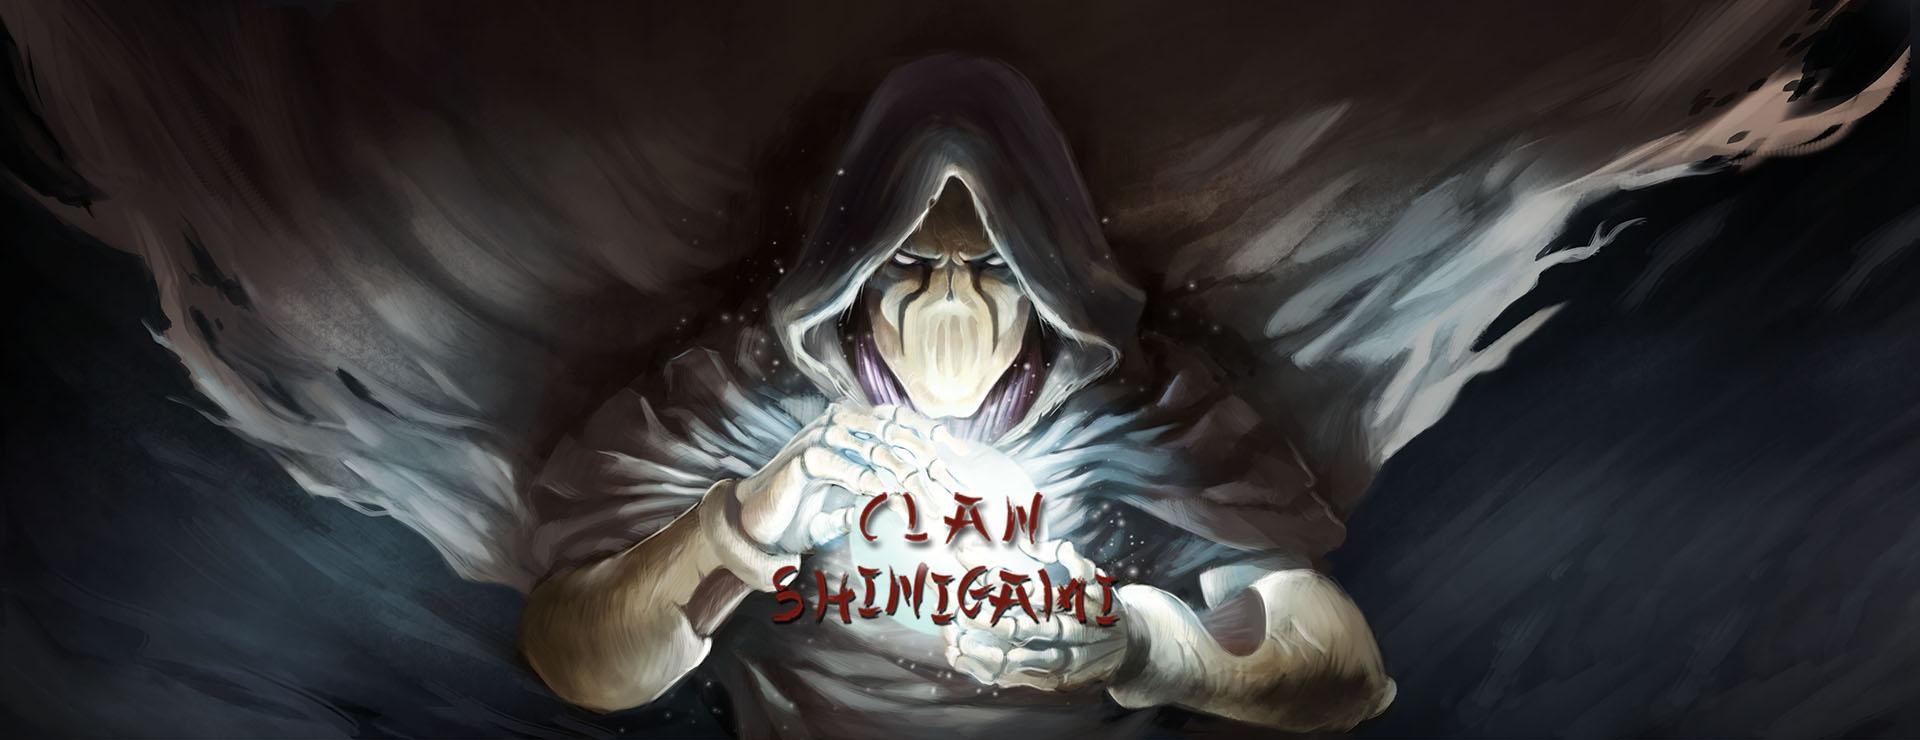 Clan Shinigami